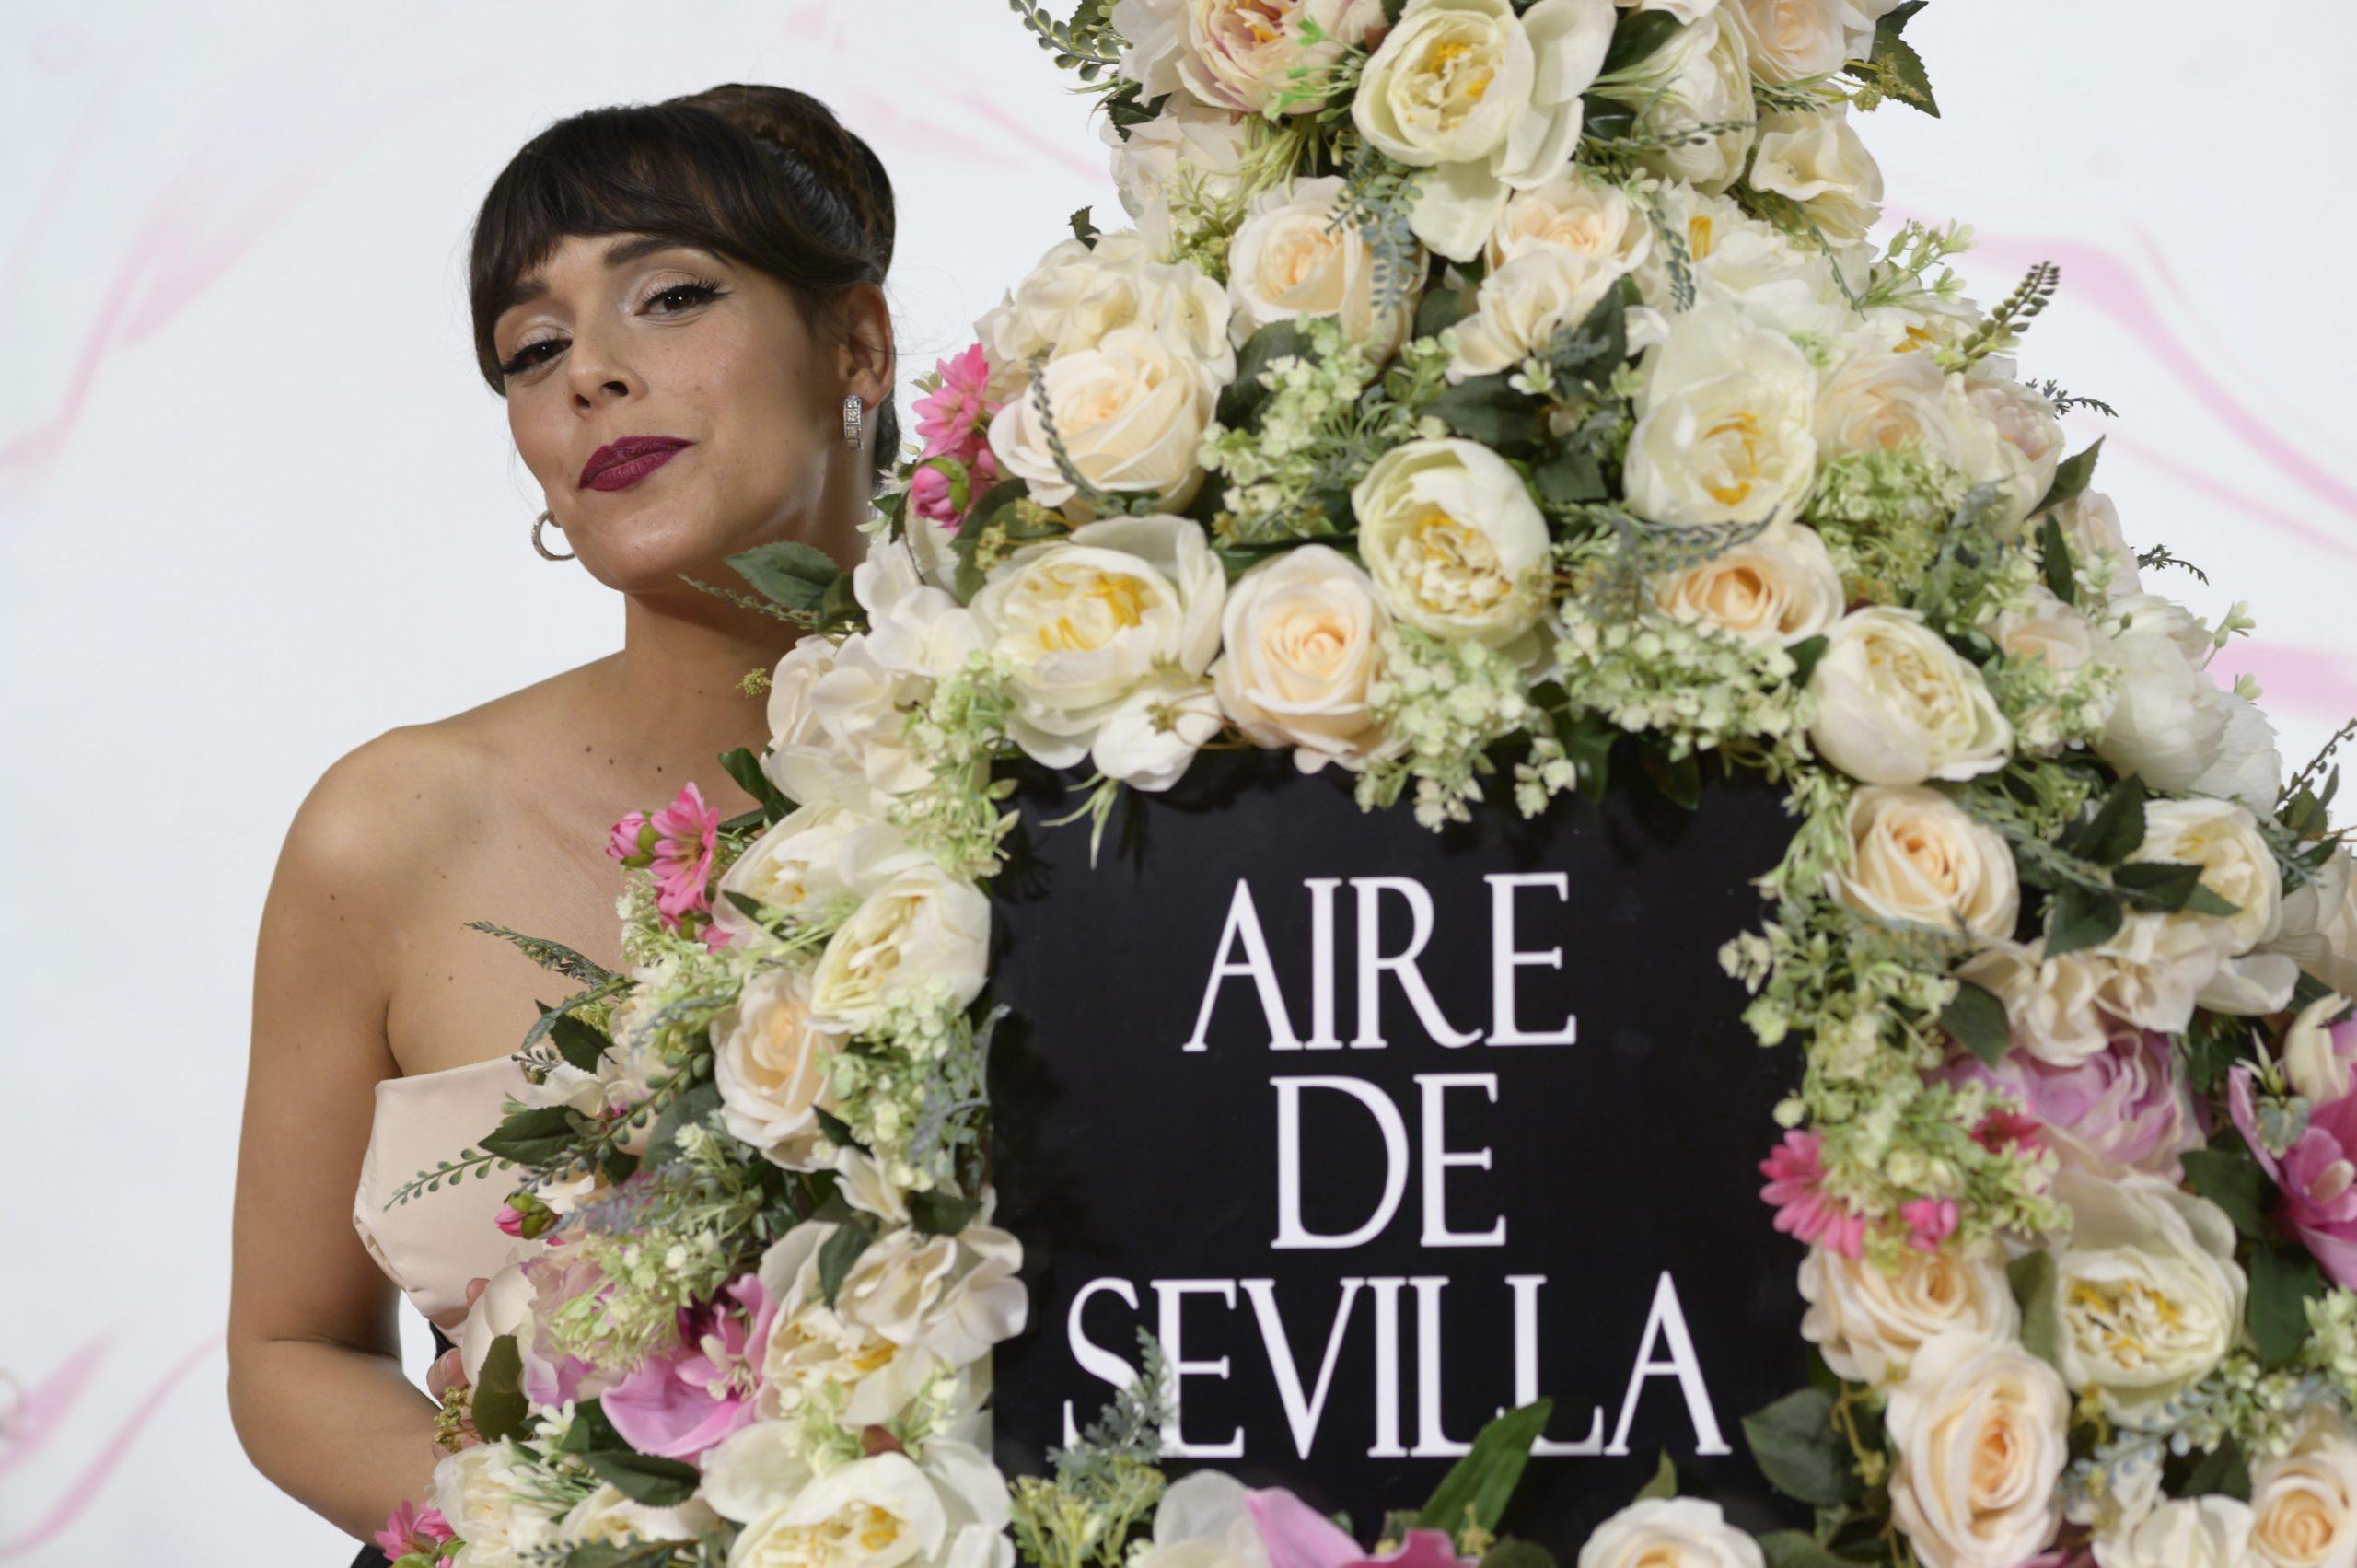 AIRE DE SEVILLA_2020_GOYA_CORTOS_1_115